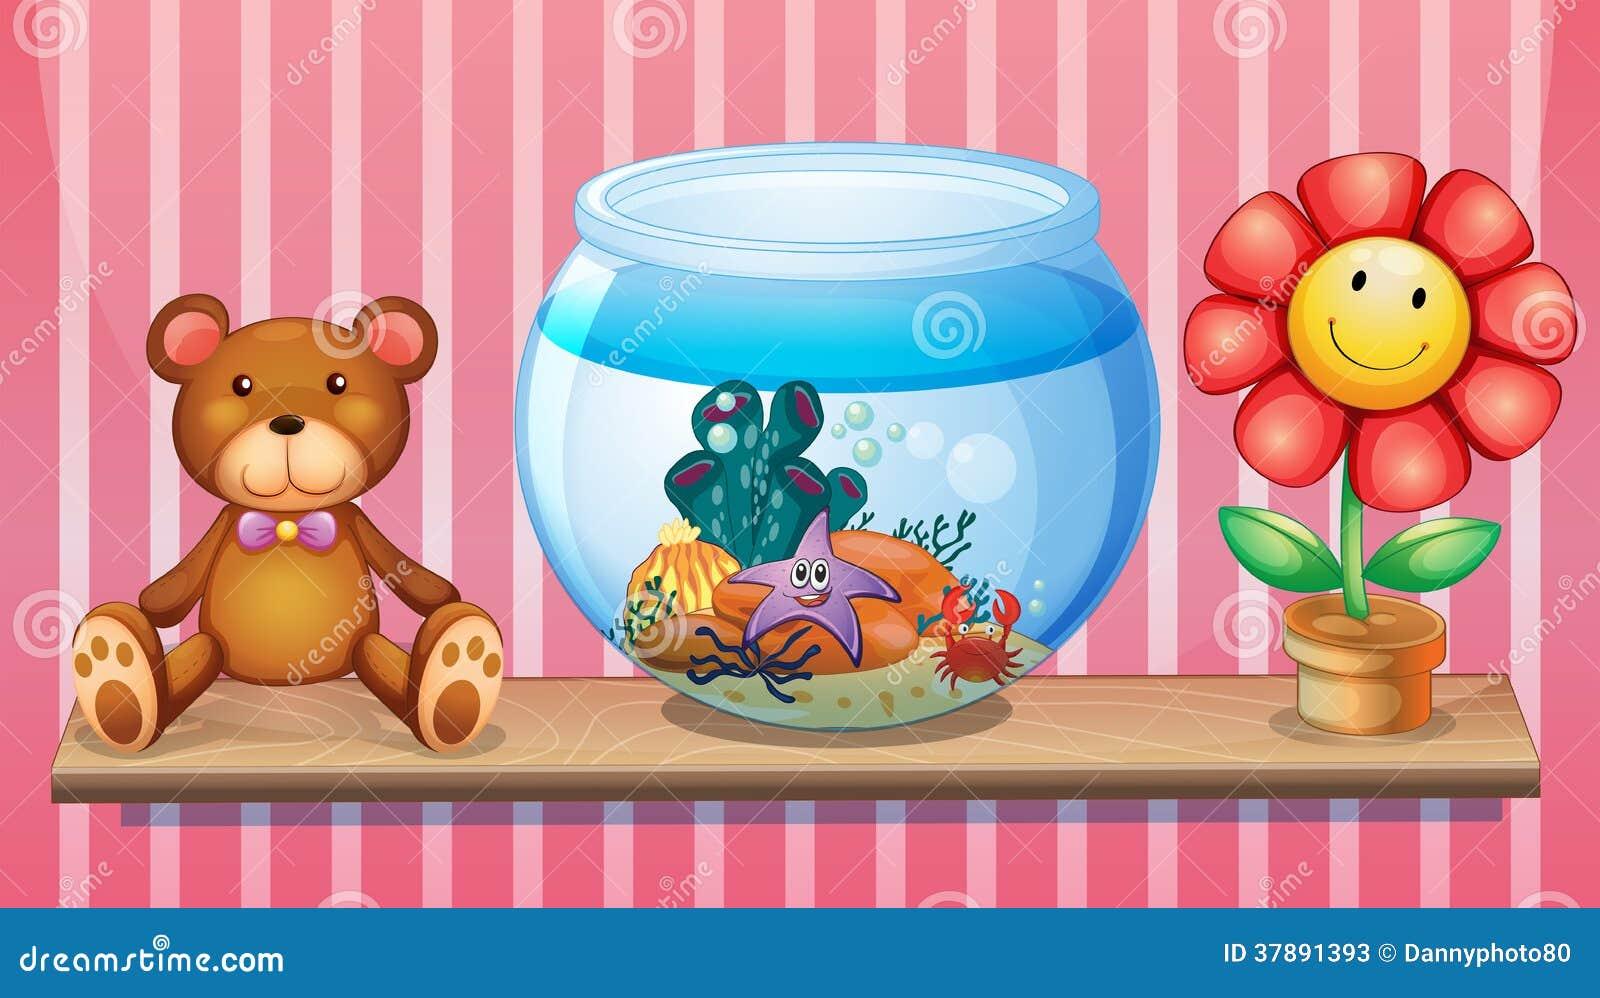 Een plank met een beer, een aquarium en een stuk speelgoed bloeien